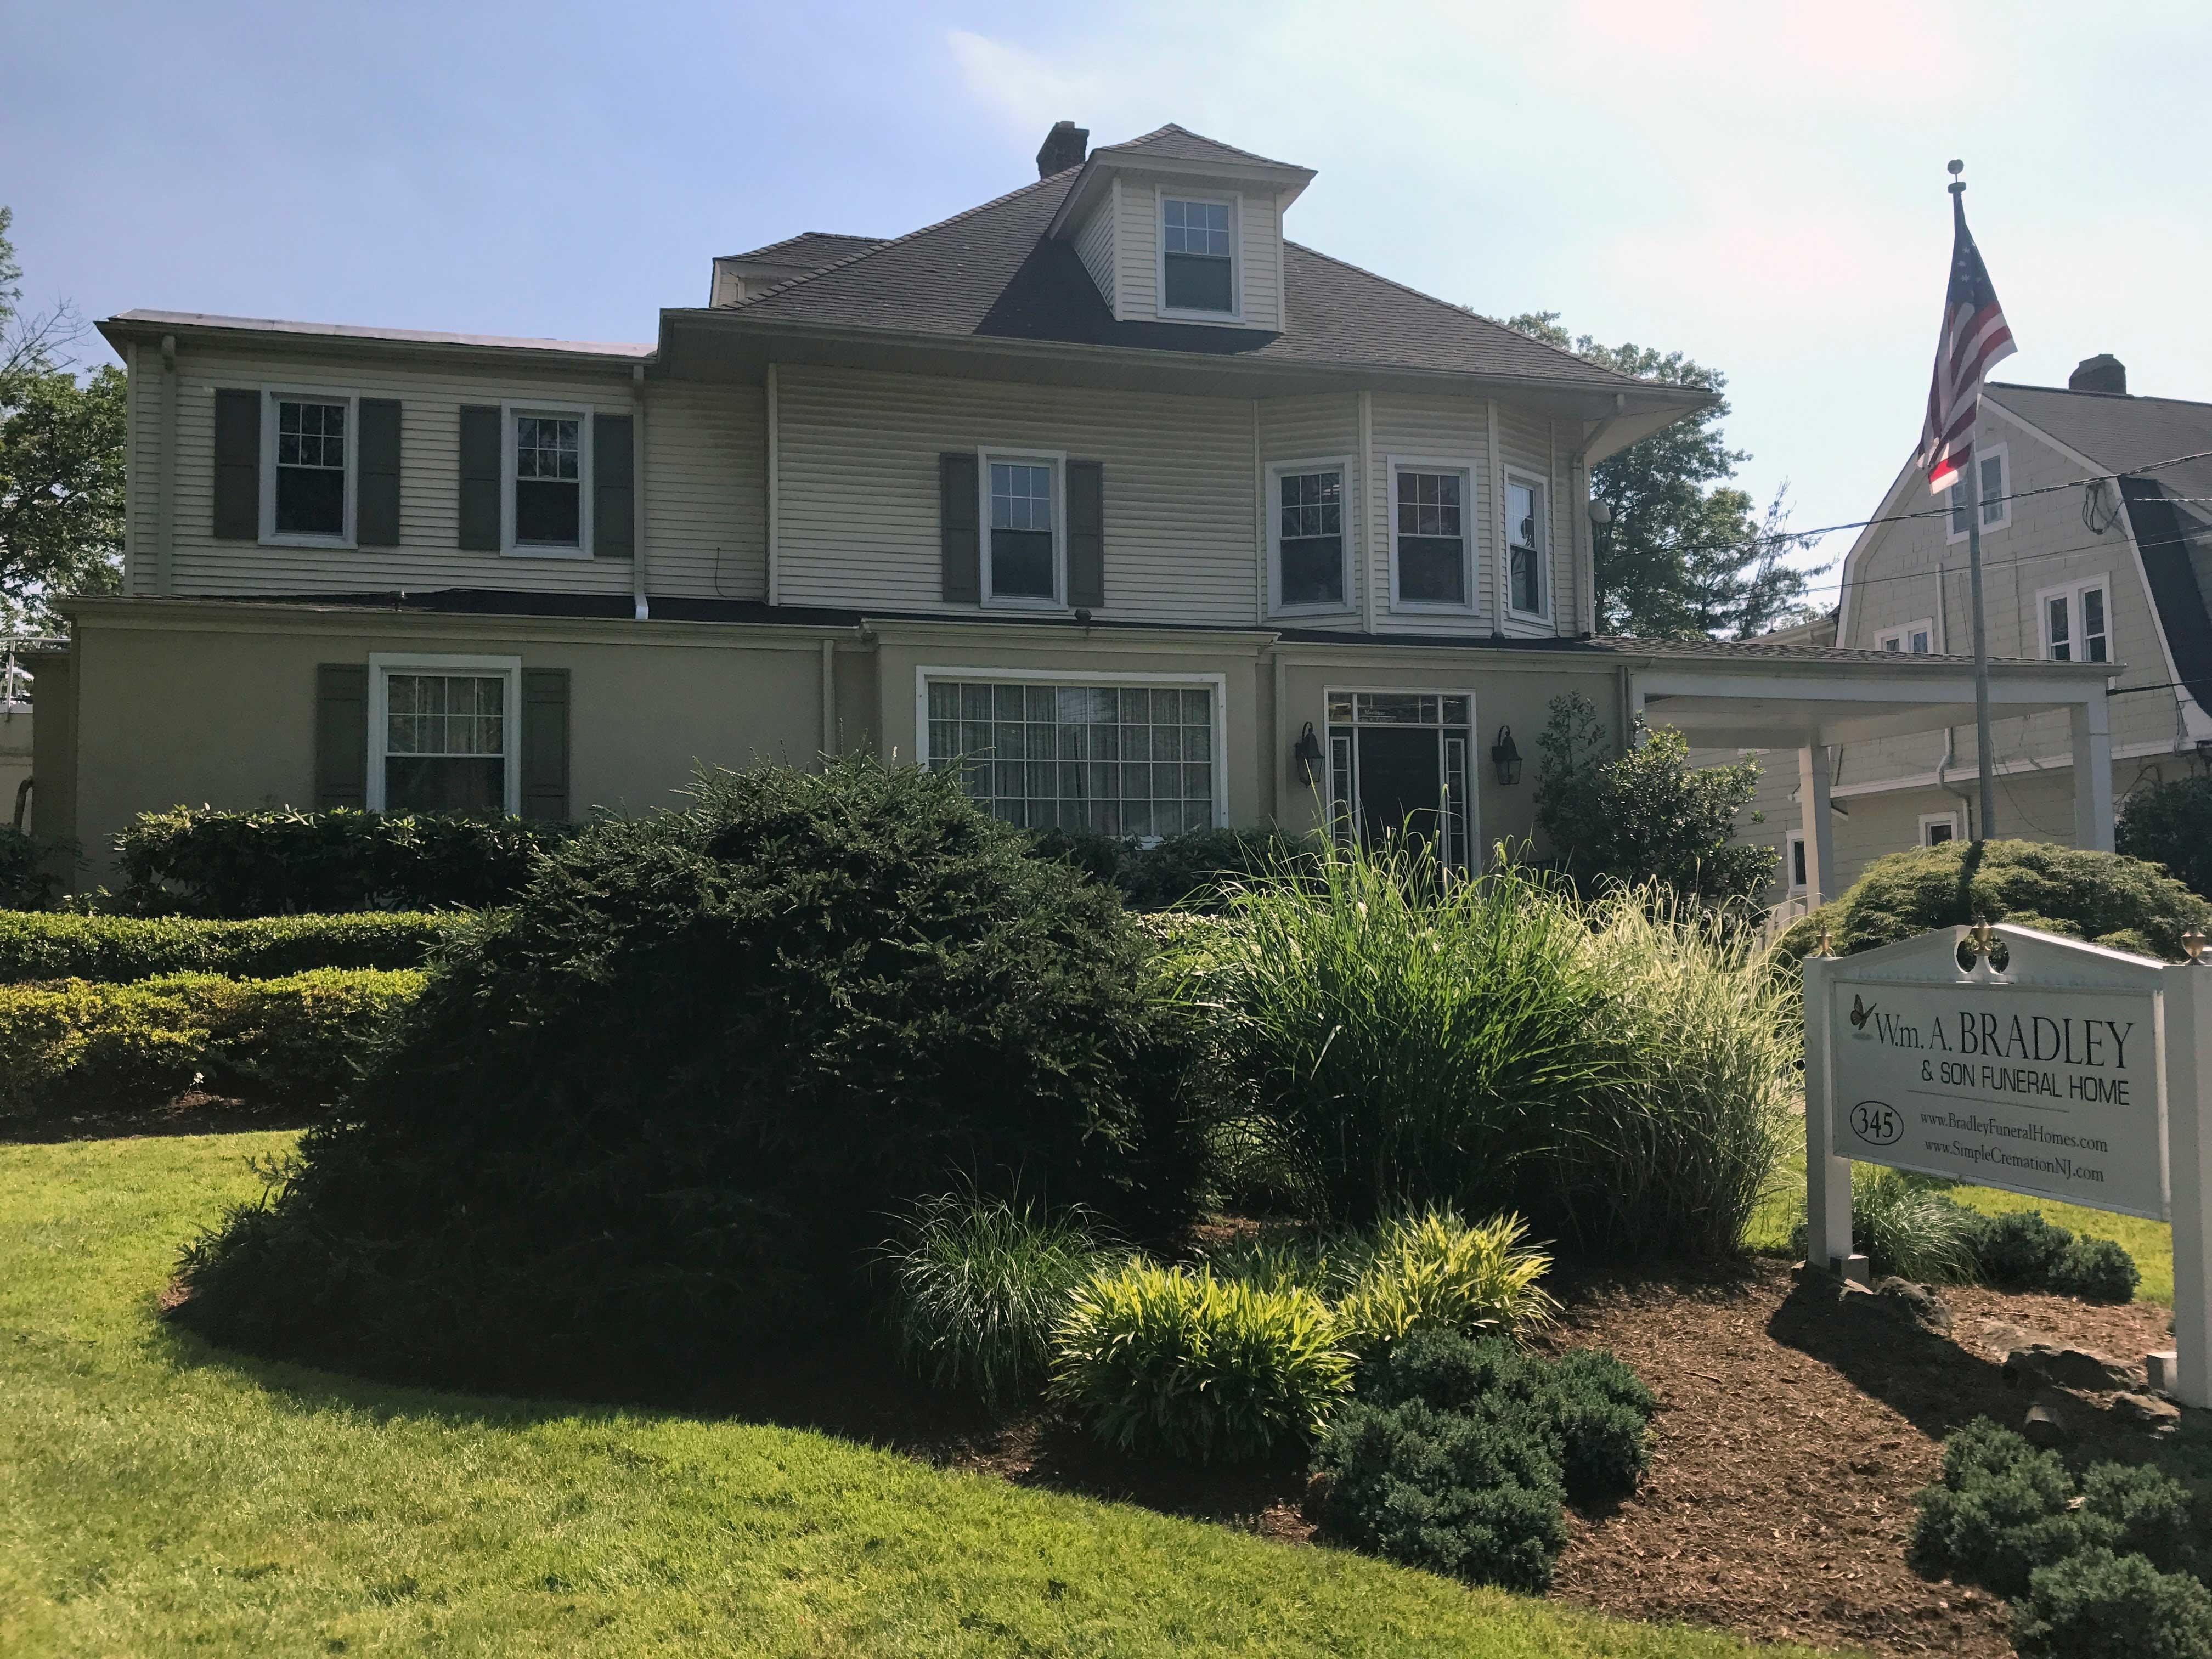 Wm. A. Bradley & Son Funeral Home, Main Street, Chatham